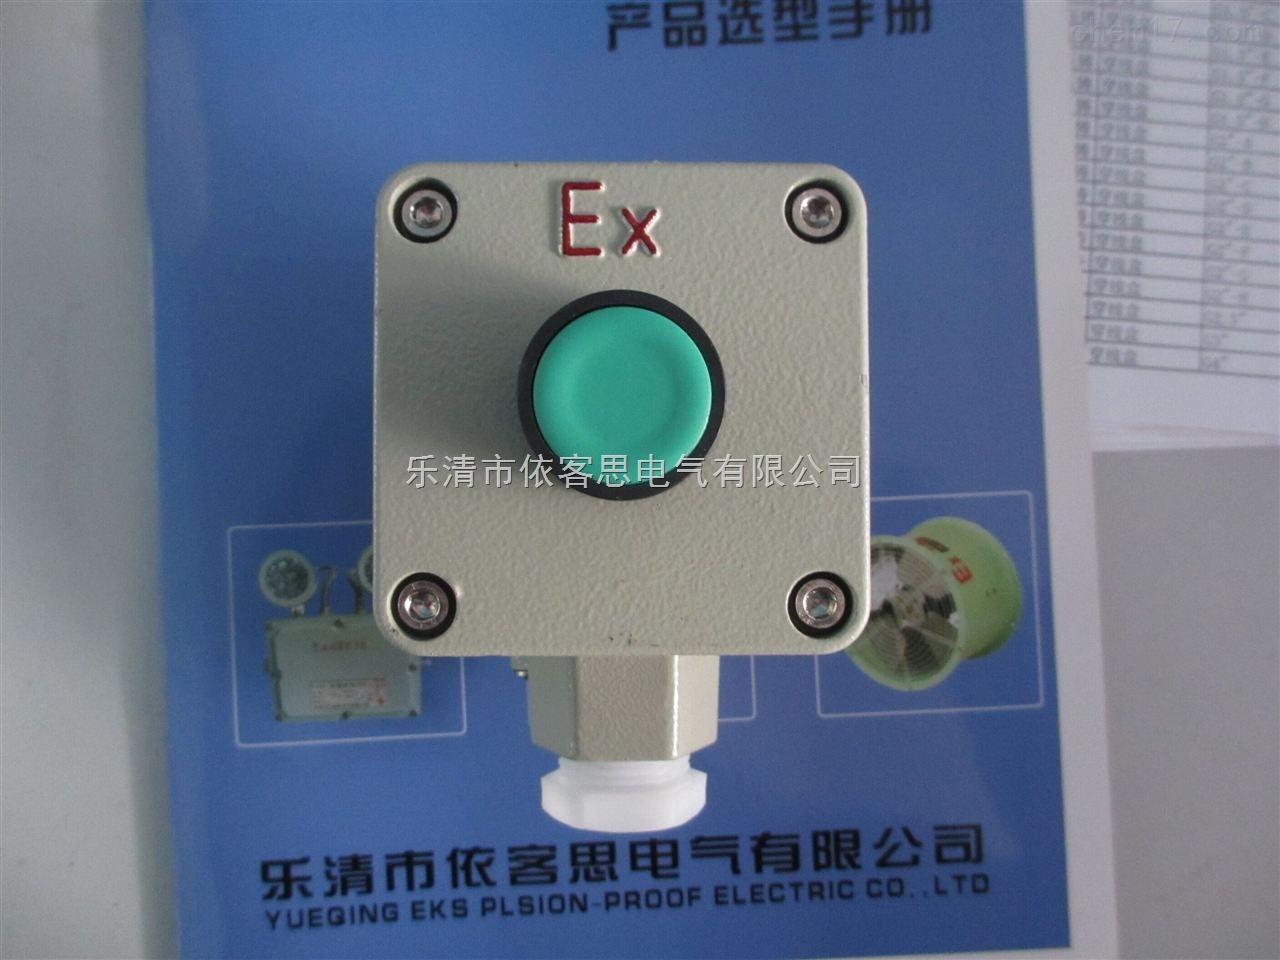 厂家供应防爆控制按钮LA53-3三钮防爆按钮盒 启动停止关闭按钮